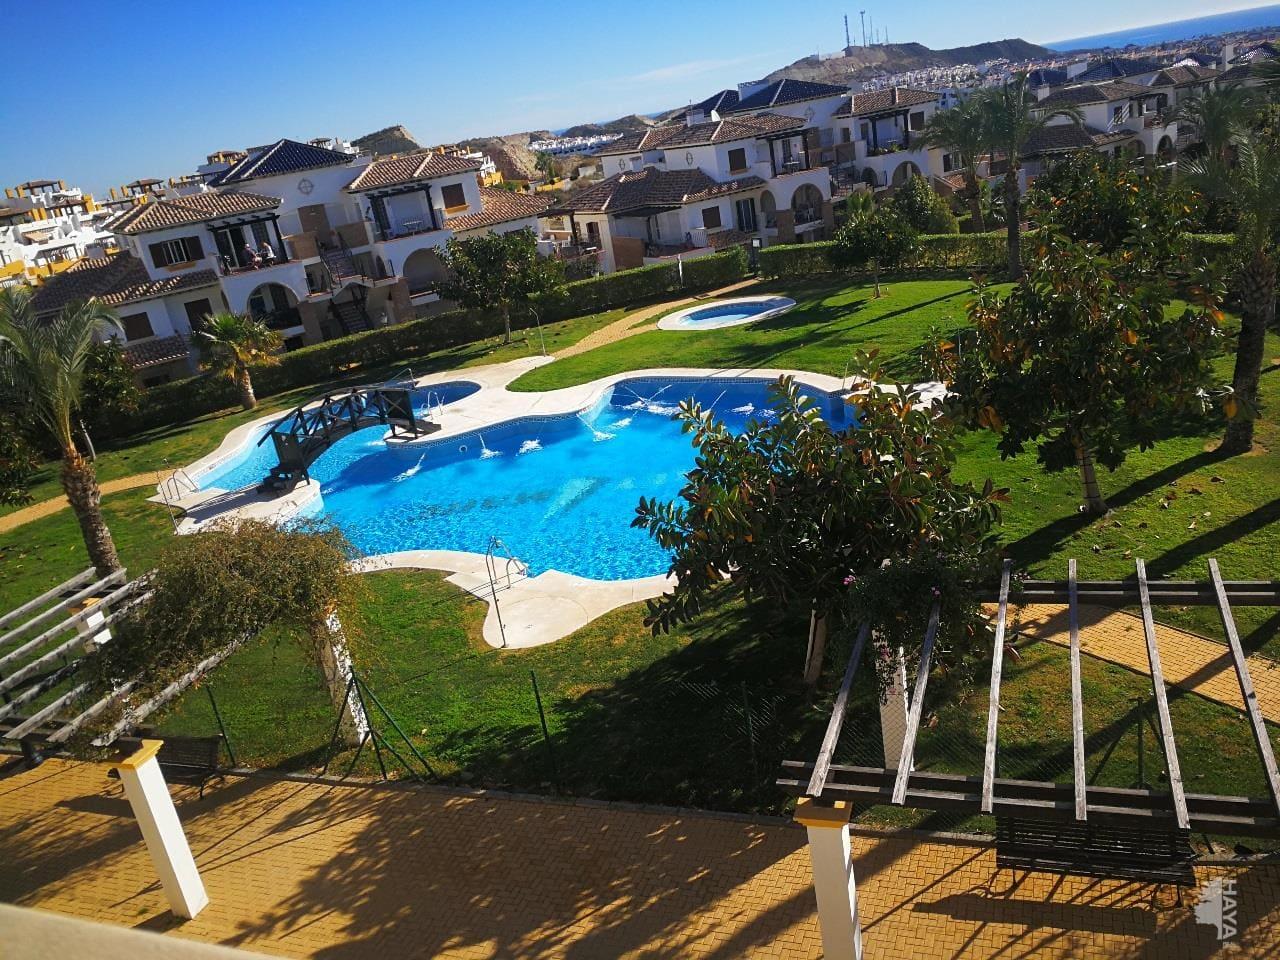 Piso en venta en Vera Playa, Vera, Almería, Calle Tomillo, 96.300 €, 2 habitaciones, 2 baños, 72 m2